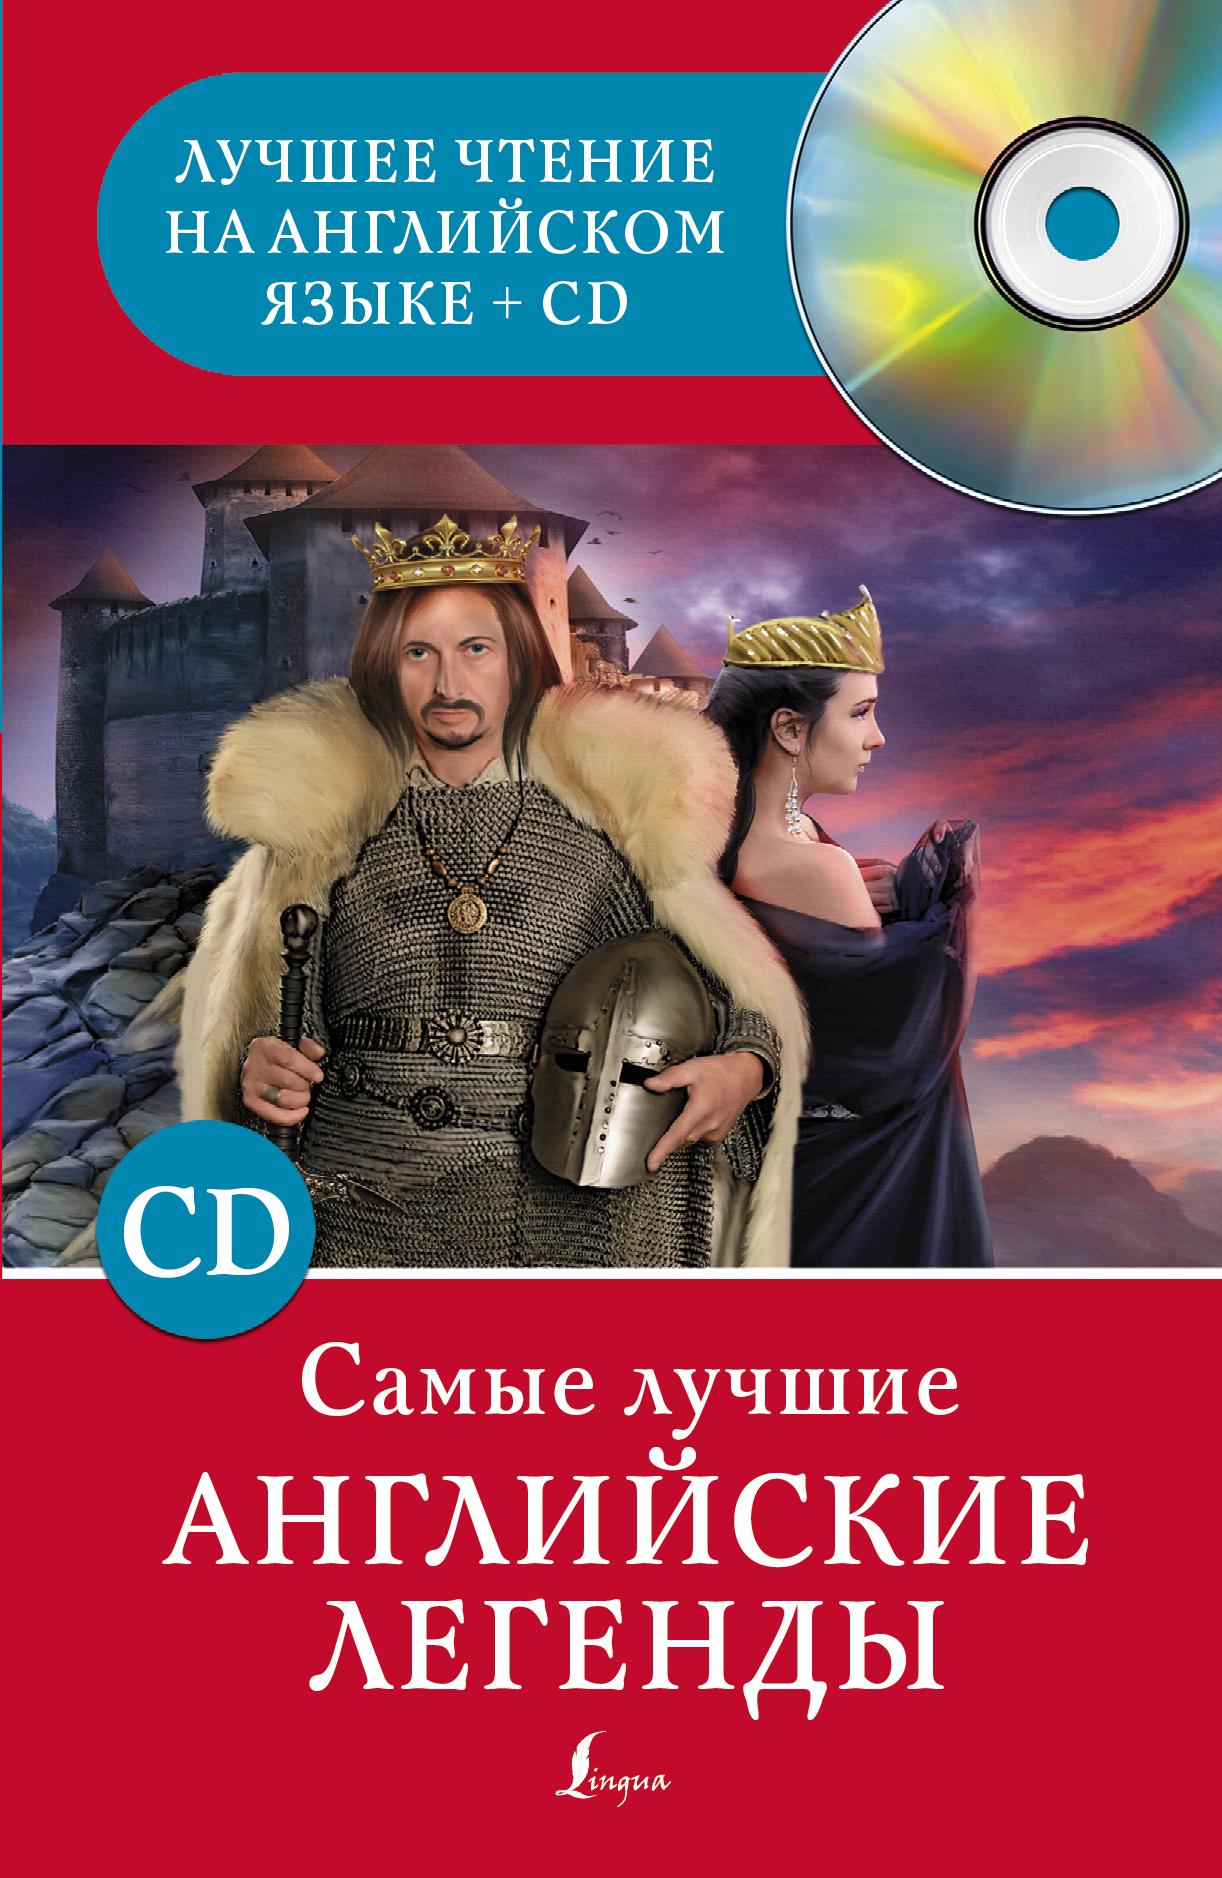 . Самые лучшие английские легенды миронова н самые лучшие английские легенды cd isbn 978 5 17 087615 0